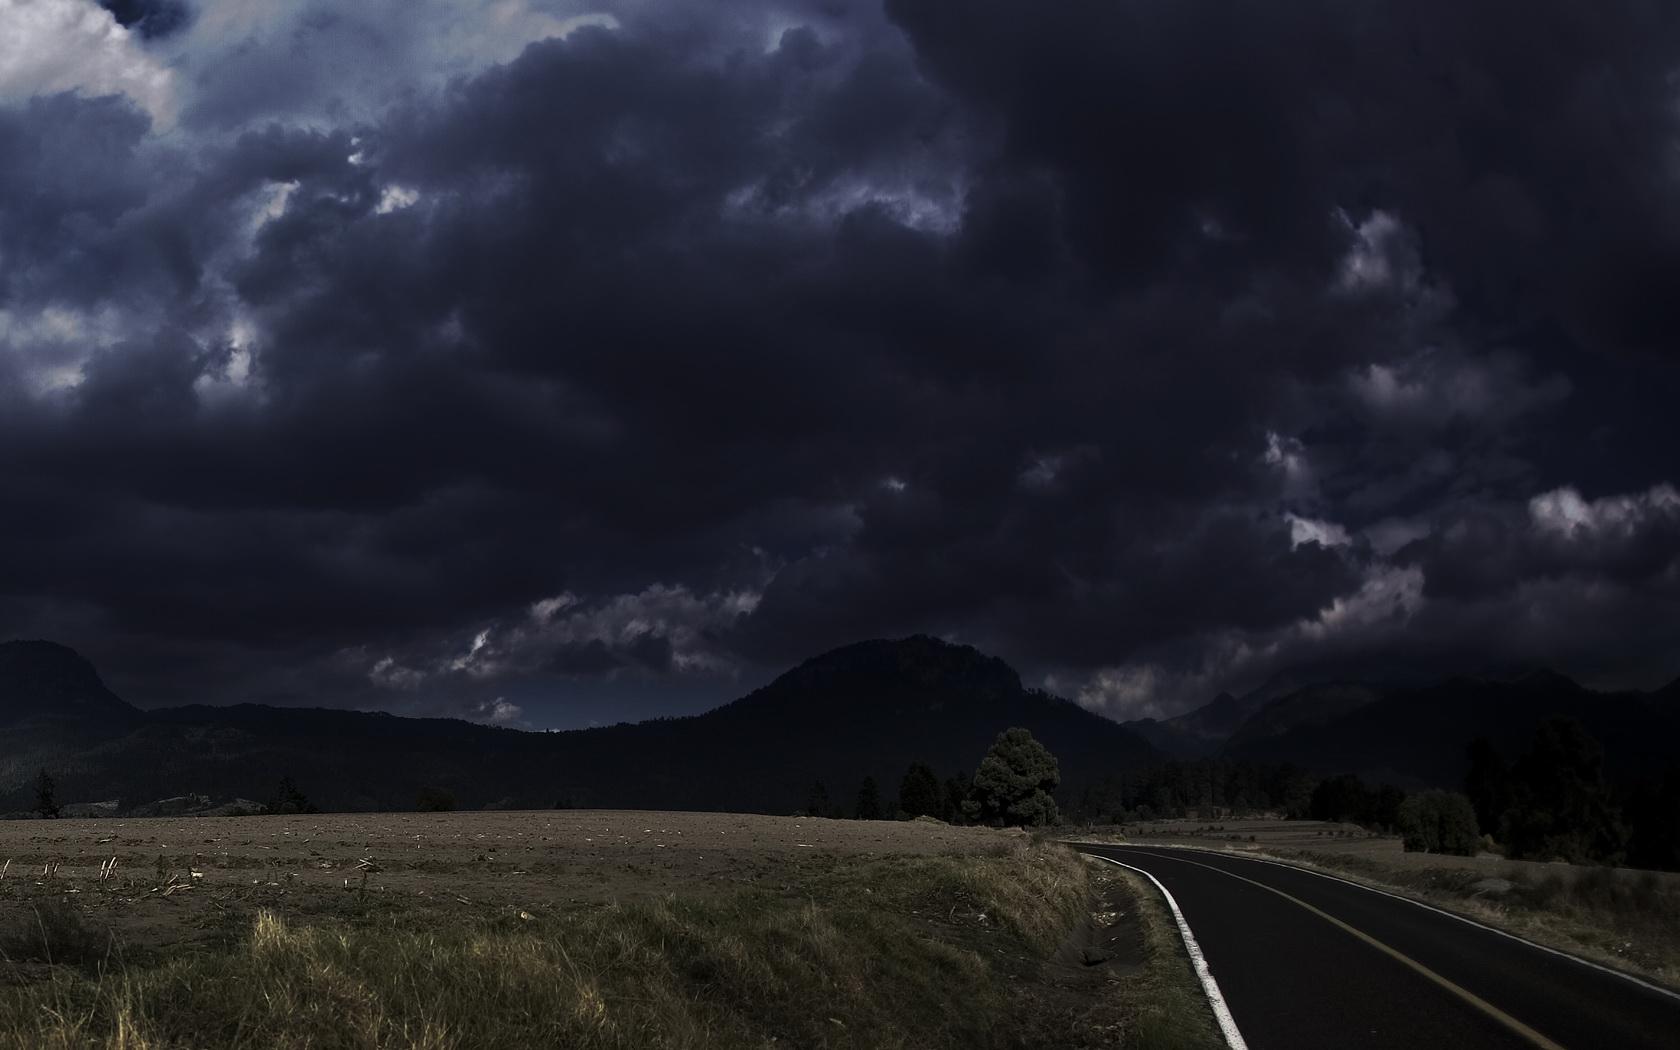 Dark Cloud Wallpaper - WallpaperSafari